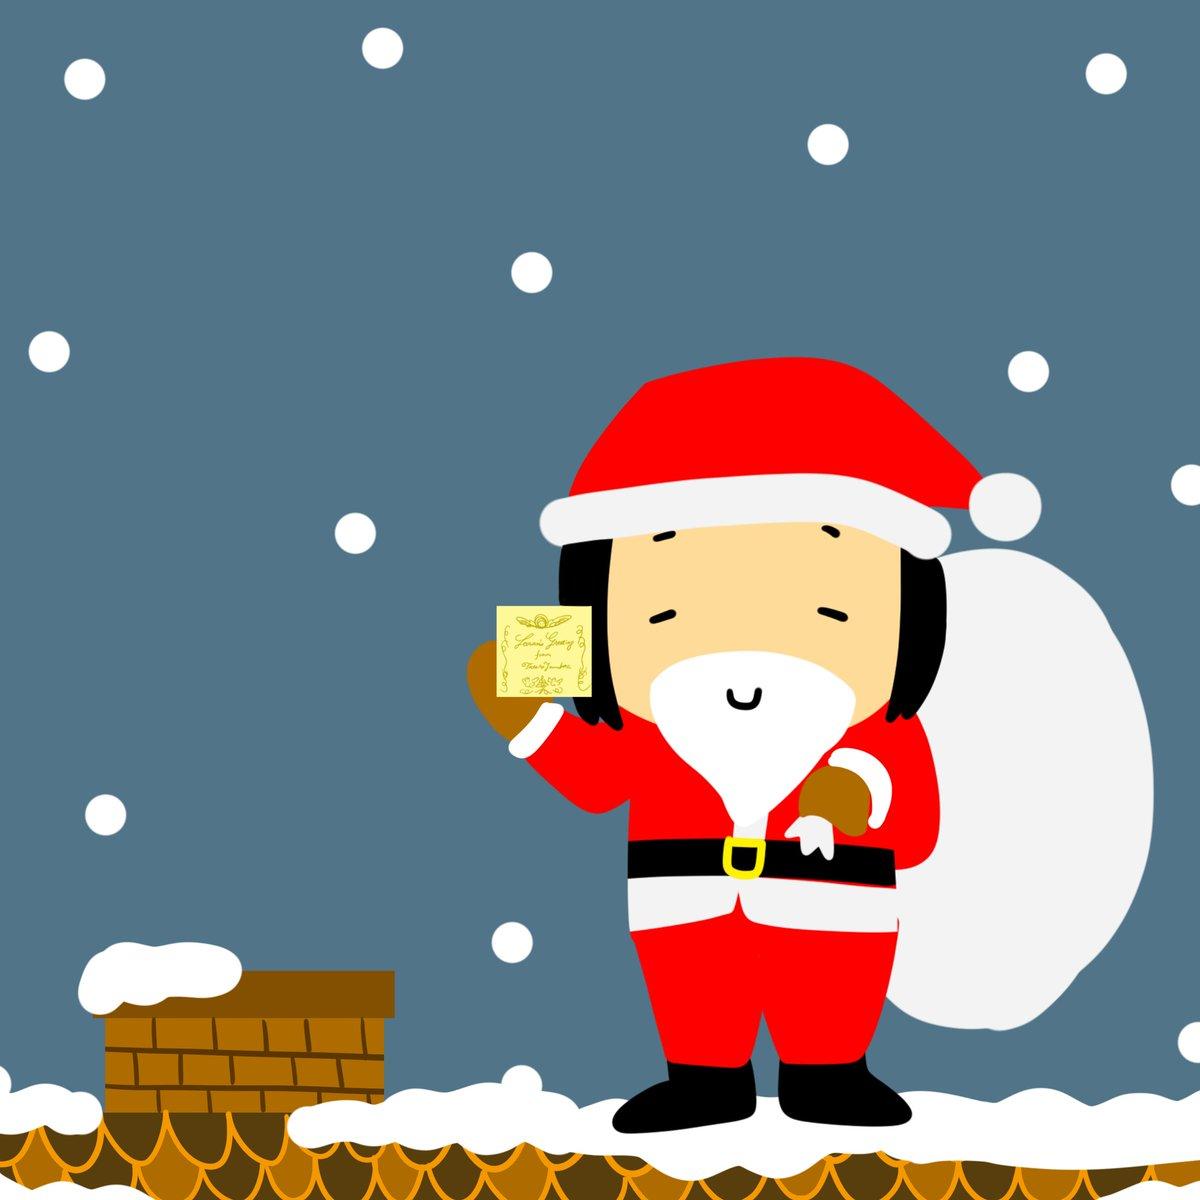 こつぶ Twitter પર 今日のサンソンはたっつあんからの クリスマス